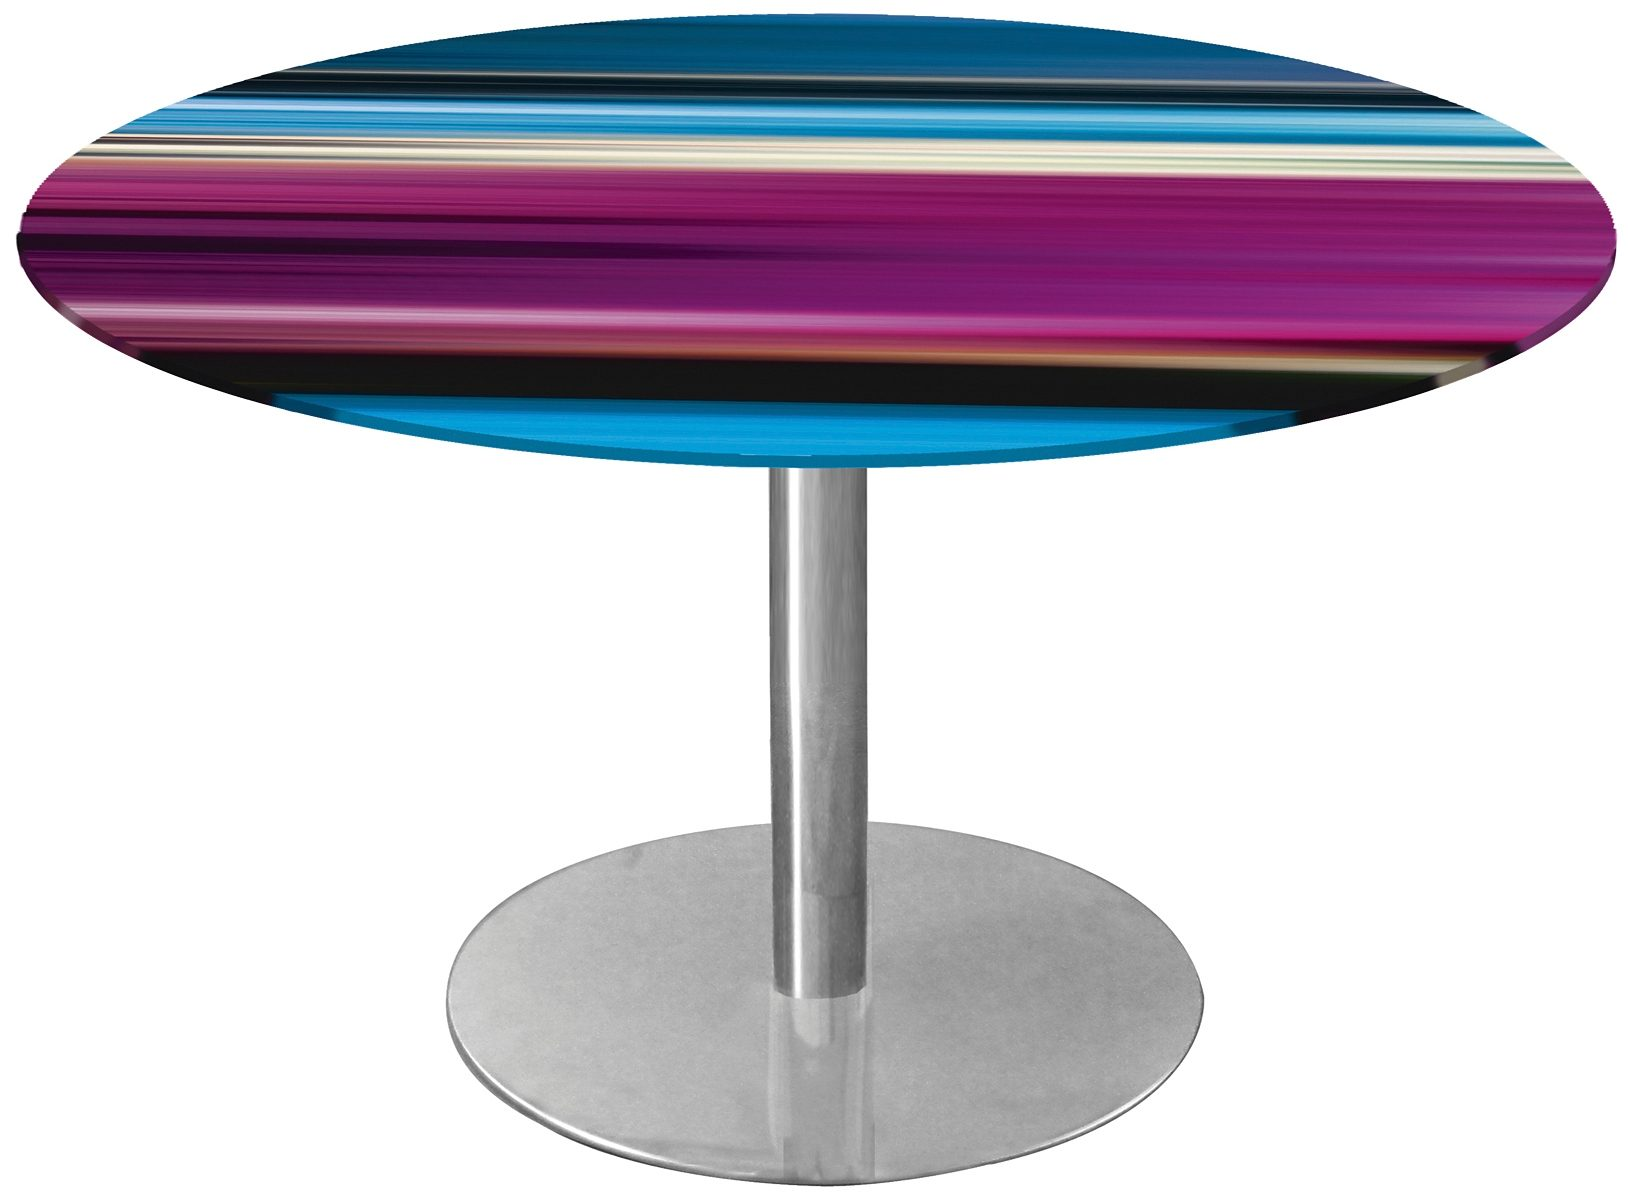 Home affaire, Tisch, »Blurred Figures«, Höhe: 72 cm